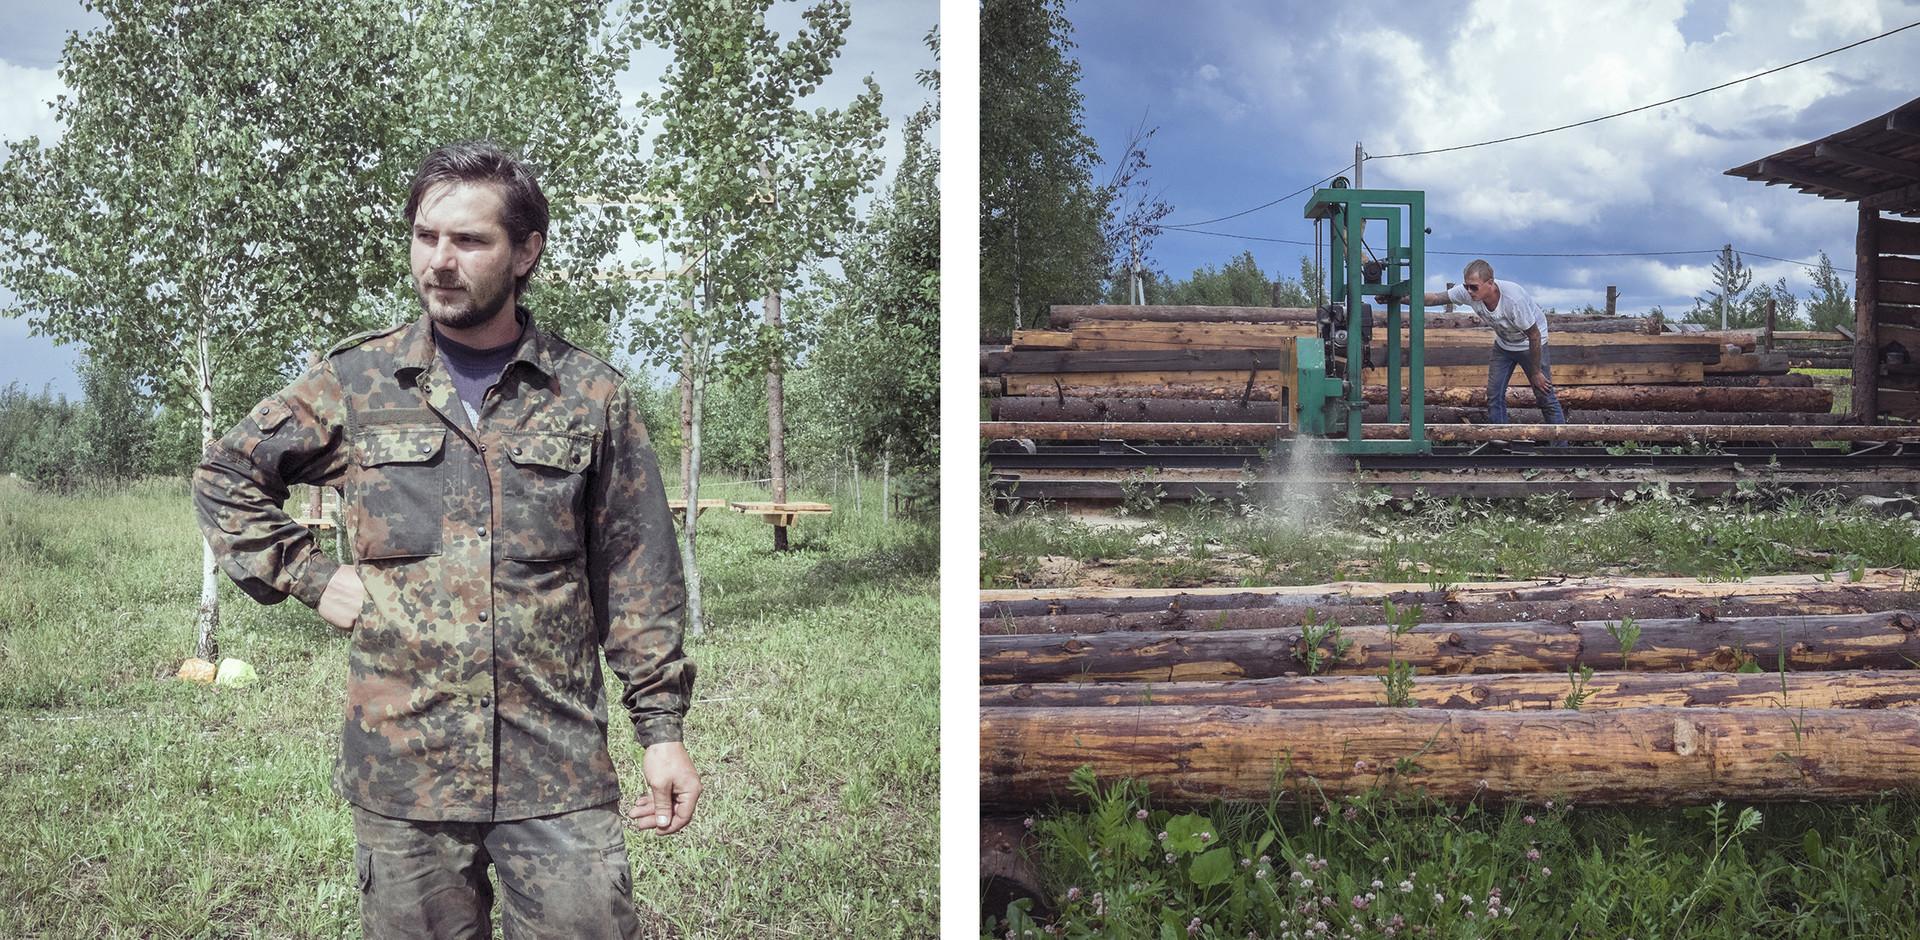 Alekseï, un ami de Mikhaïl, est venu s'installer à la ferme avec son épouse, Polina, il y a 4 ans.